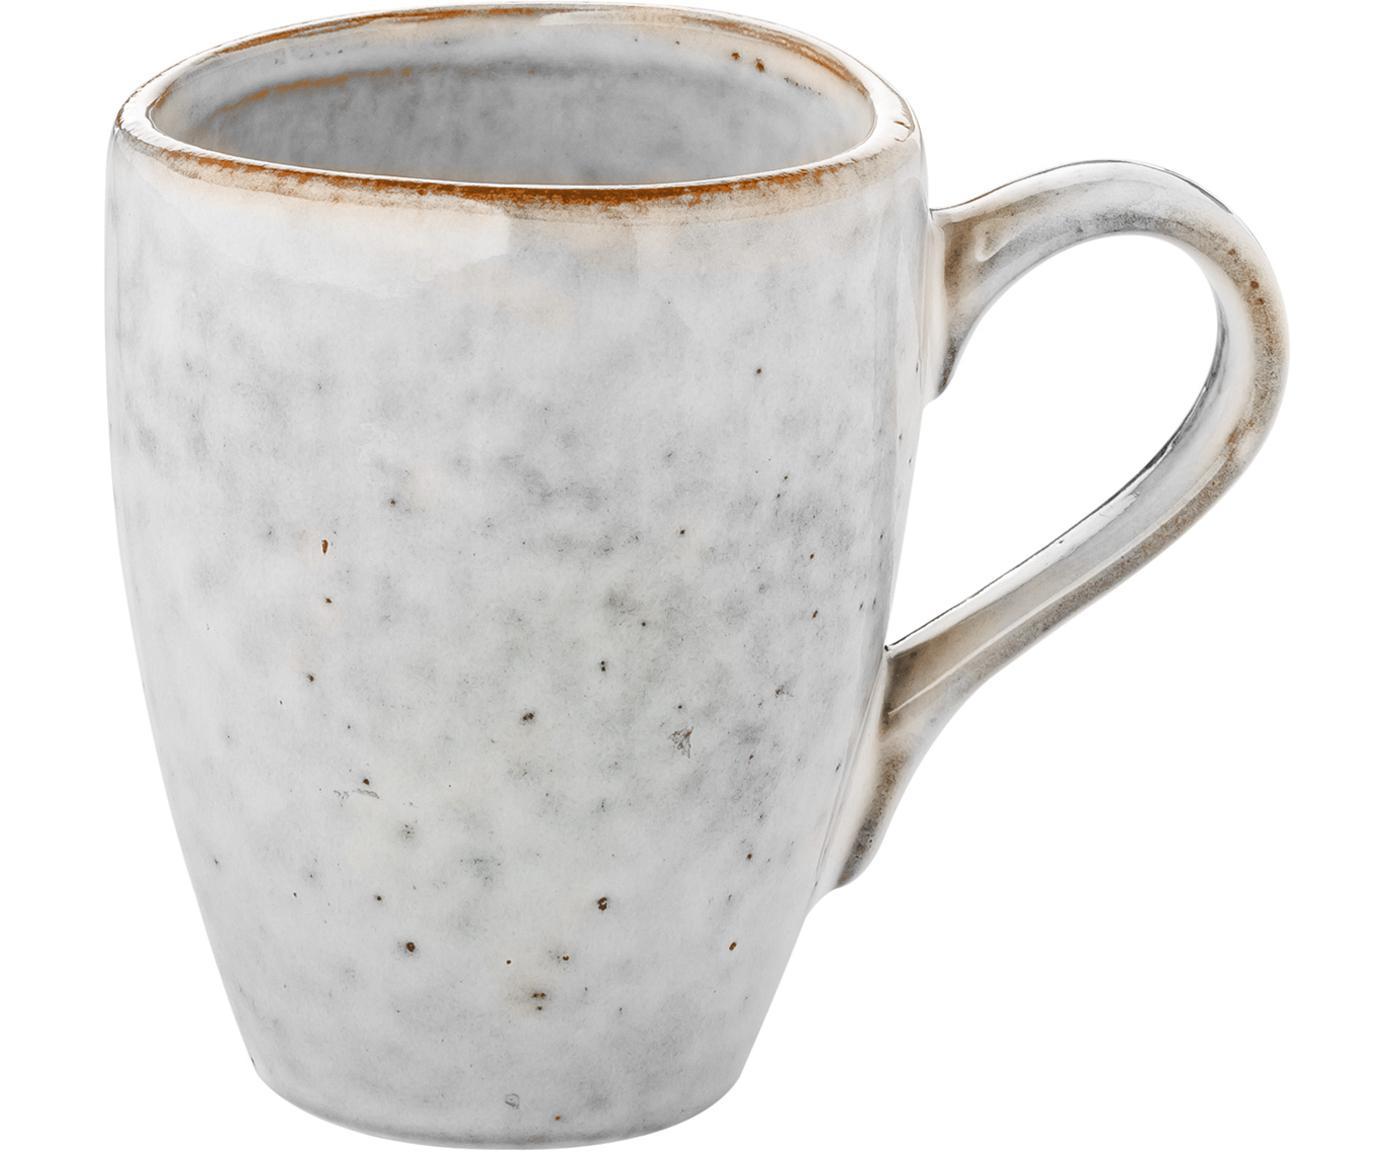 Handgemachte Tassen Nordic Sand, 6 Stück, Steingut, Sand, Ø 8 x H 10 cm